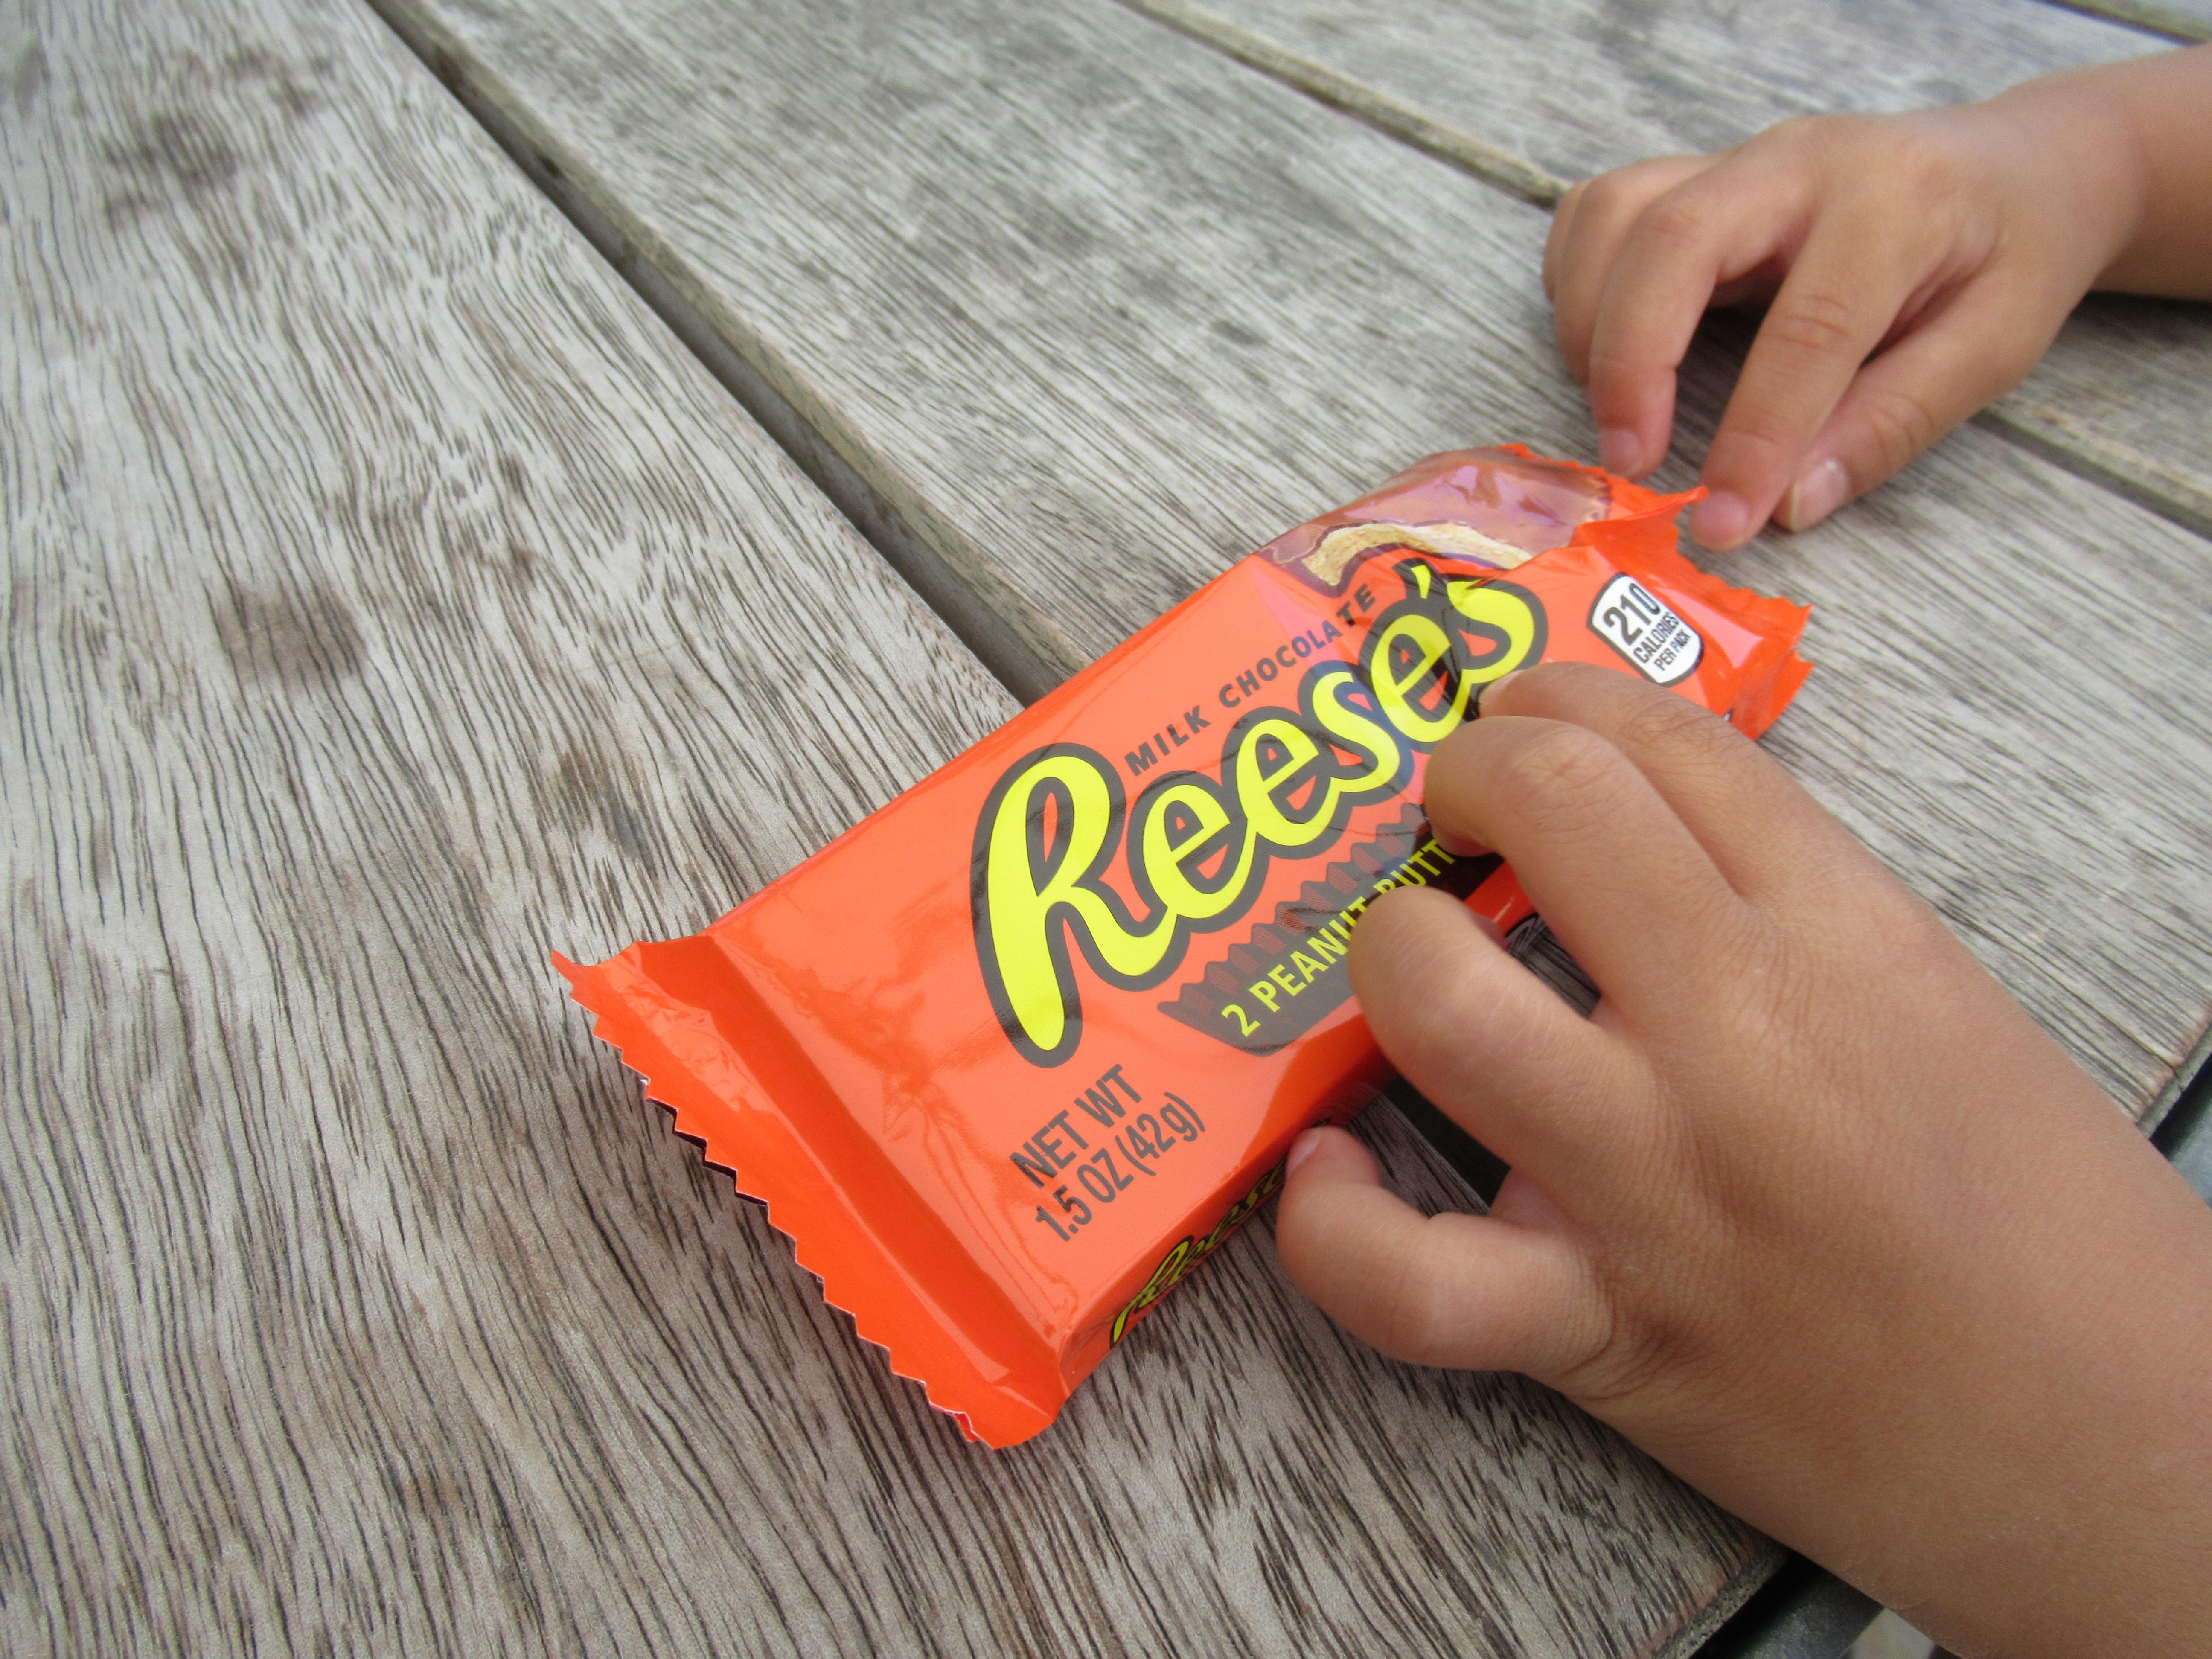 ハワイで食べたReese'sとMambaというお菓子のレビューとオススメお菓子|子連れハワイブログ